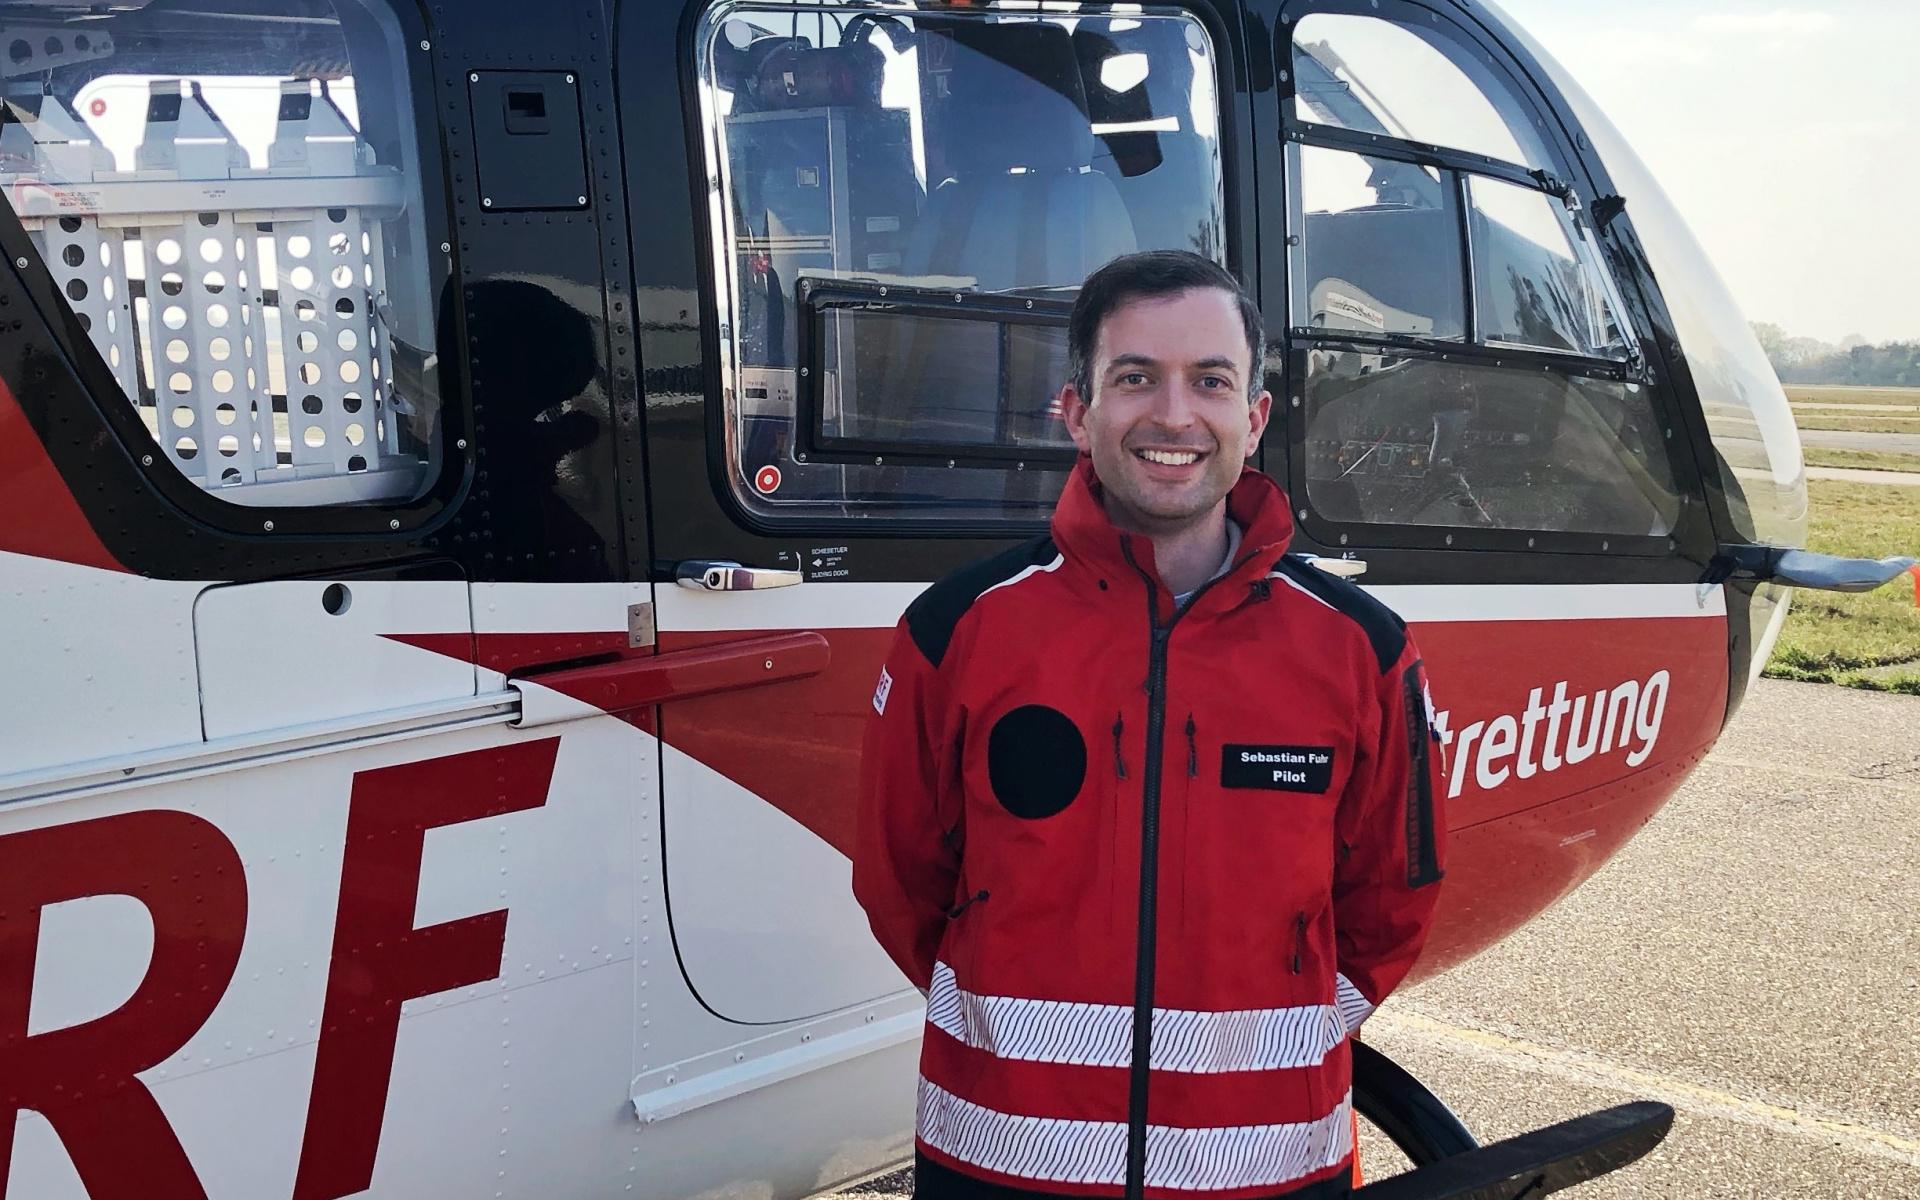 """Sebastian Fuhr studierte an der Universität Stuttgart Luft- und Raumfahrttechnik – und erarbeitete sich parallel den Berufspilotenschein für Hubschrauber. Nach fünf Jahren bei Airbus Helicopters ging es dann im September 2018 zur DRF Luftrettung. """"So kann ich mir jetzt einen Traum erfüllen: Als technischer Pilot bei der DRF Luftrettung verbinden sich meine Faszination für Technik und meine Leidenschaft für das Fliegen perfekt."""" Er ist der einzige """"fliegende Ingenieur"""" der DRF Luftrettung."""